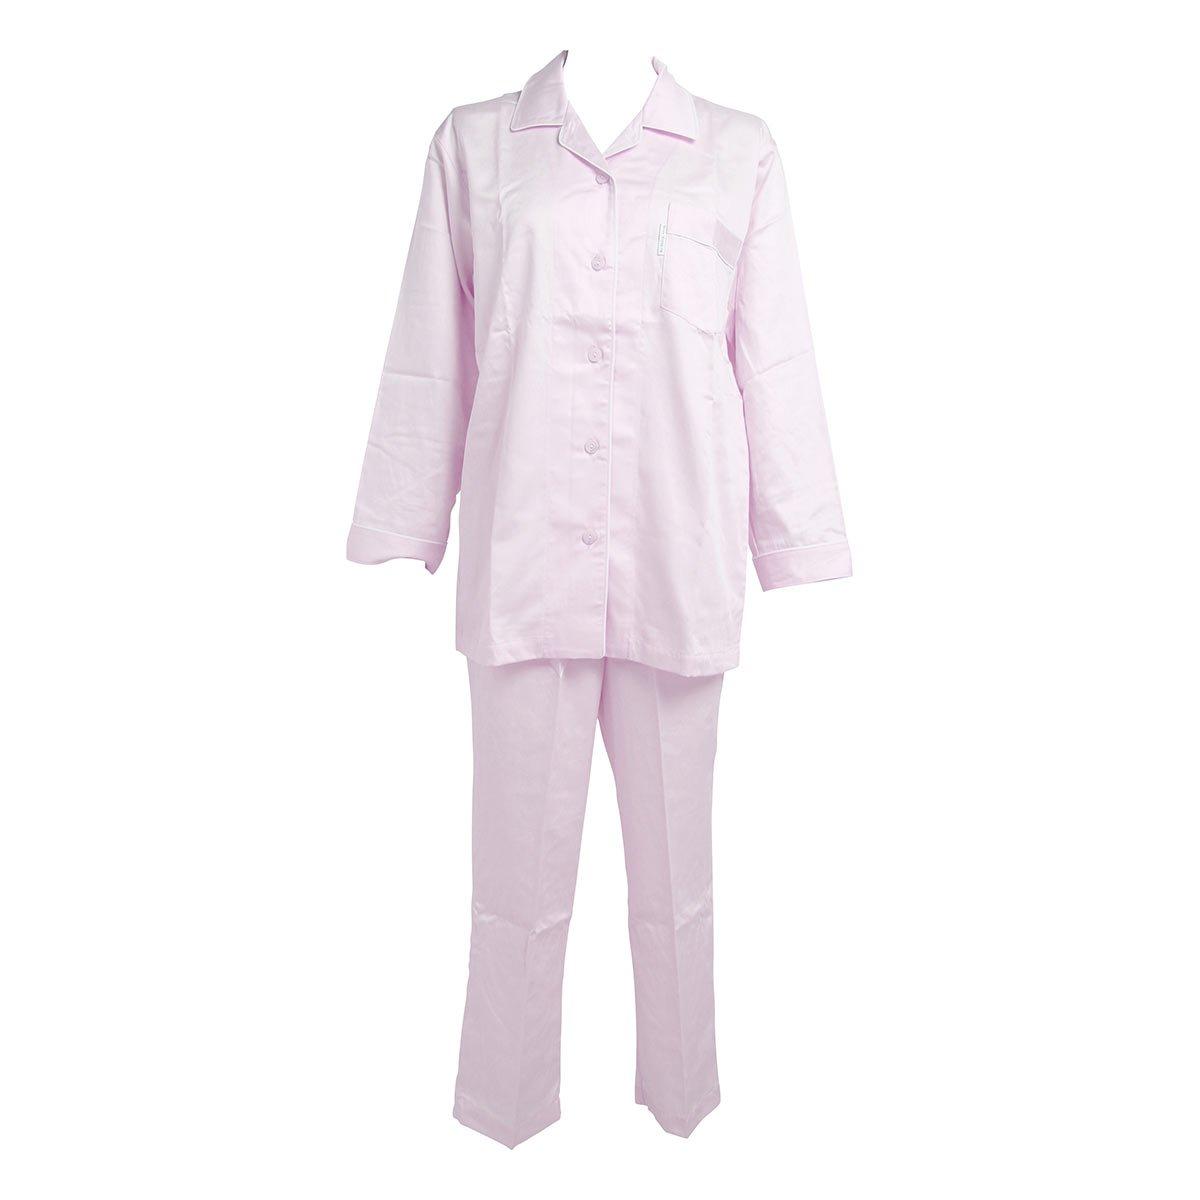 【ワコール/Wacoal】睡眠科学 レディース シャツパジャマ 綿100% B00E3QI7RA S PU-パープル PU-パープル S